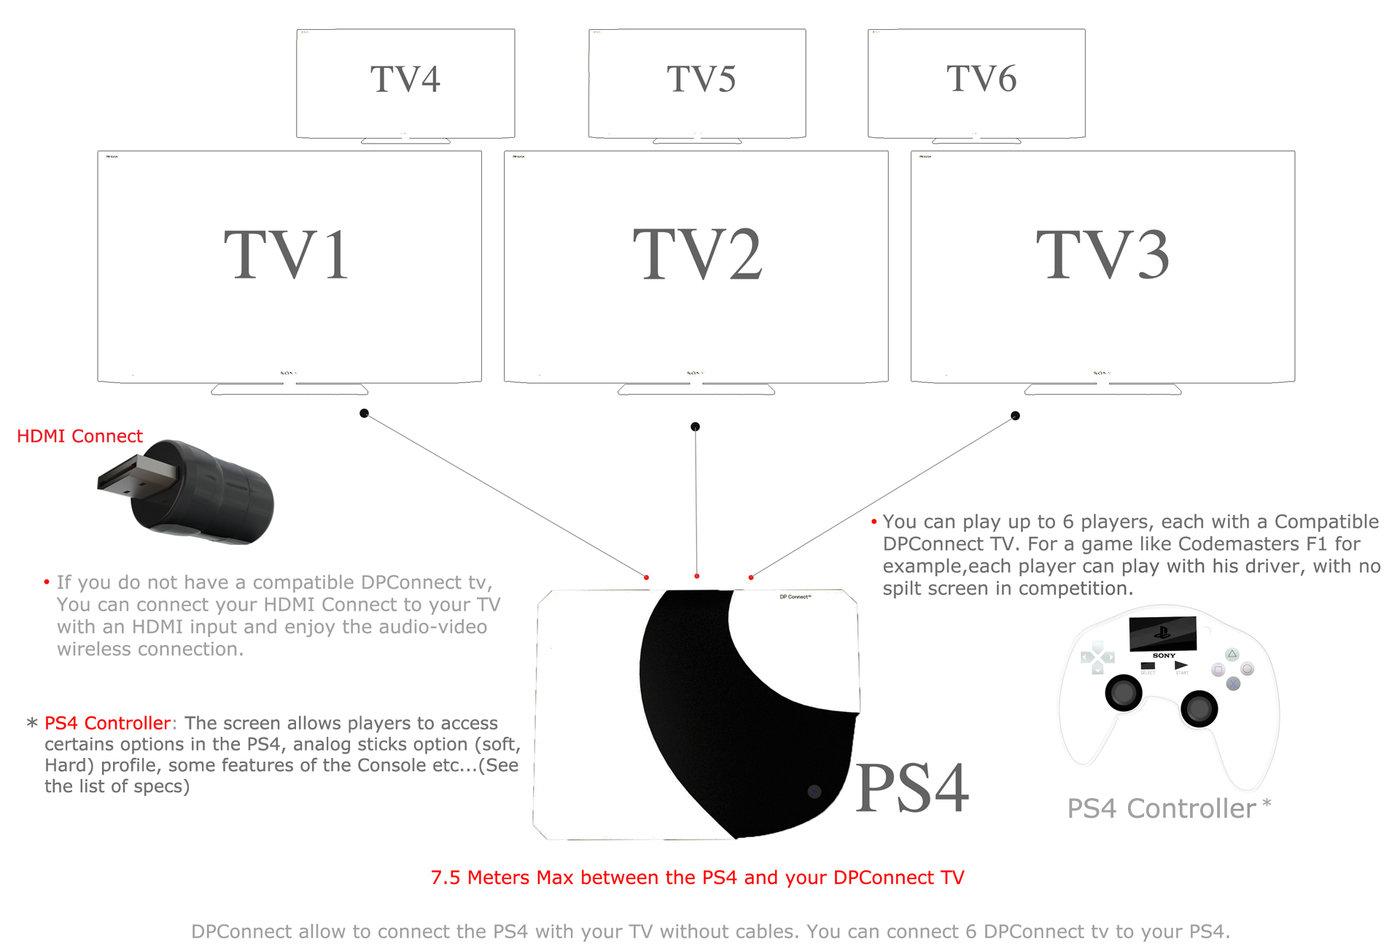 Playstation 4 by Joseph Dumary at Coroflot.com